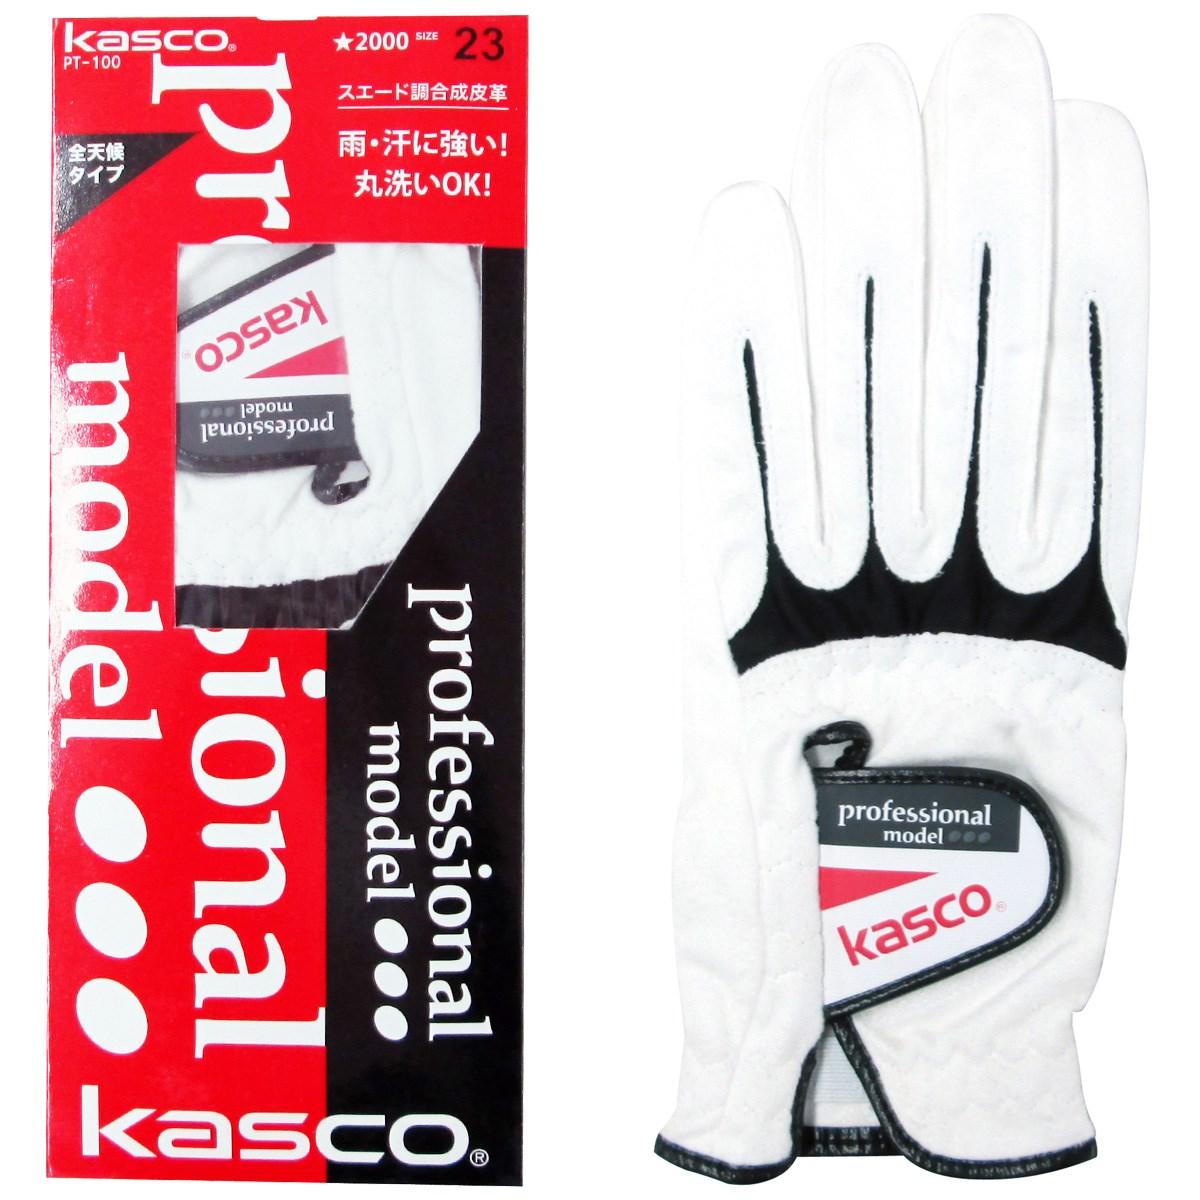 キャスコ KASCO GDO限定 PT100グローブ 21cm 左手着用(右利き用) ホワイト